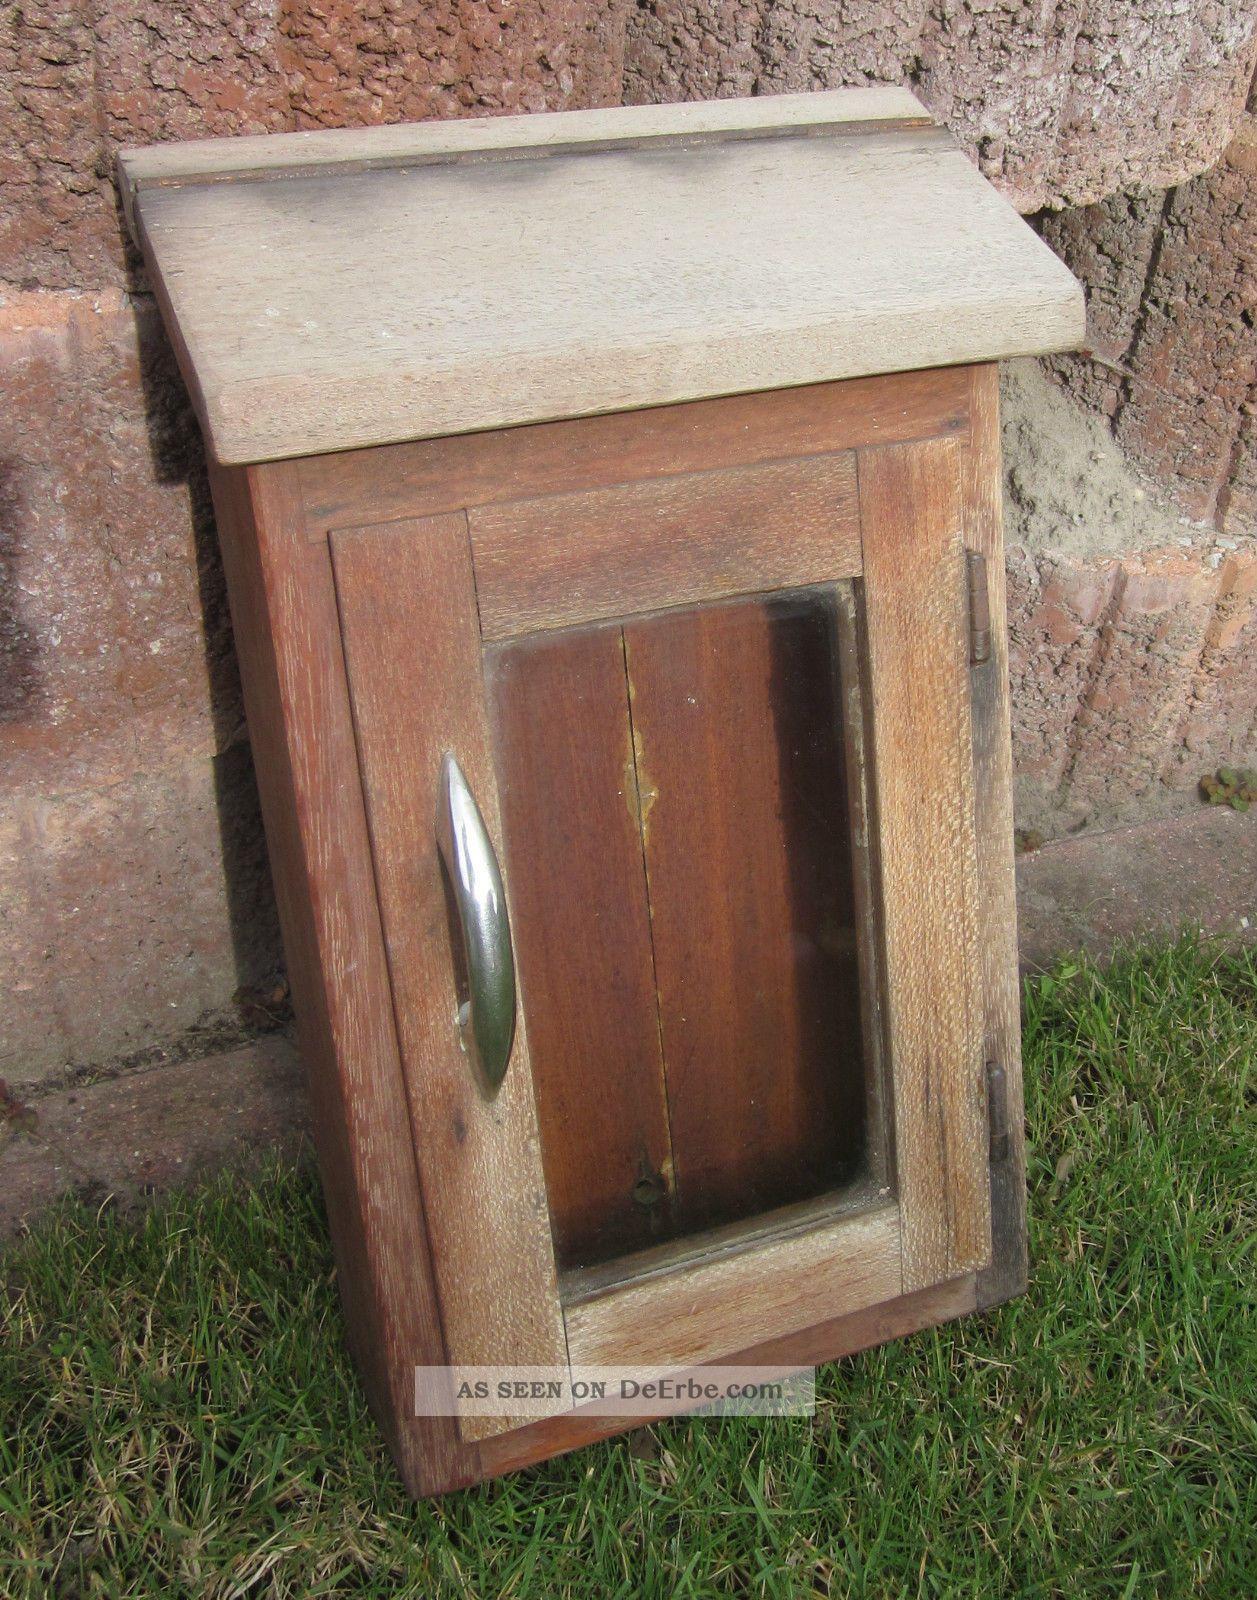 briefkasten holz selber bauen cool briefkasten holz mbel aus rohren bauen stylischen dj tisch. Black Bedroom Furniture Sets. Home Design Ideas